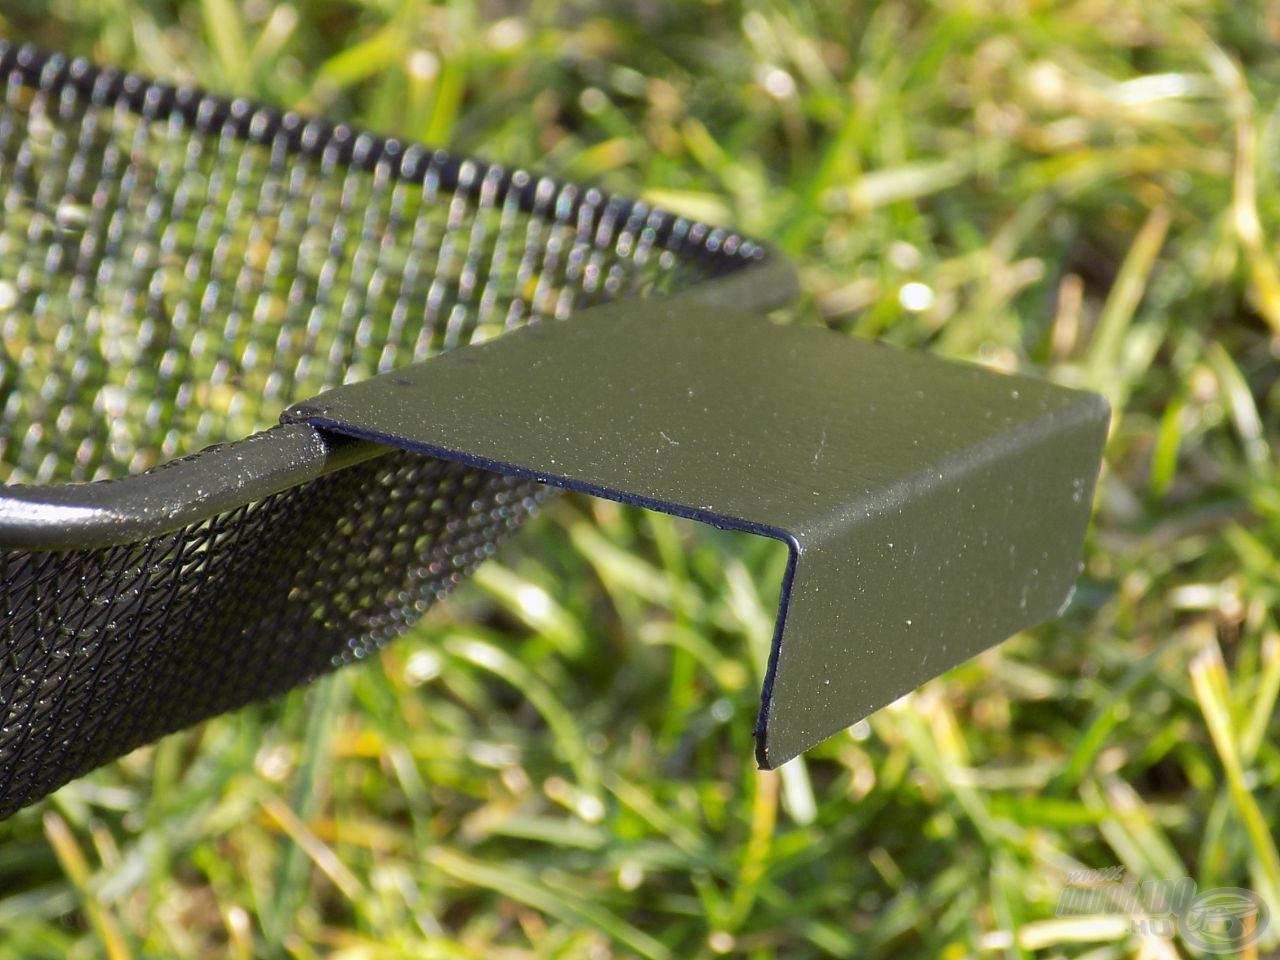 A kétoldali fülek segítségével megtámaszthatjuk az edény falán a szitát, s amíg a szúnyogunk mászik, más fontos előkészületeket végezhetünk